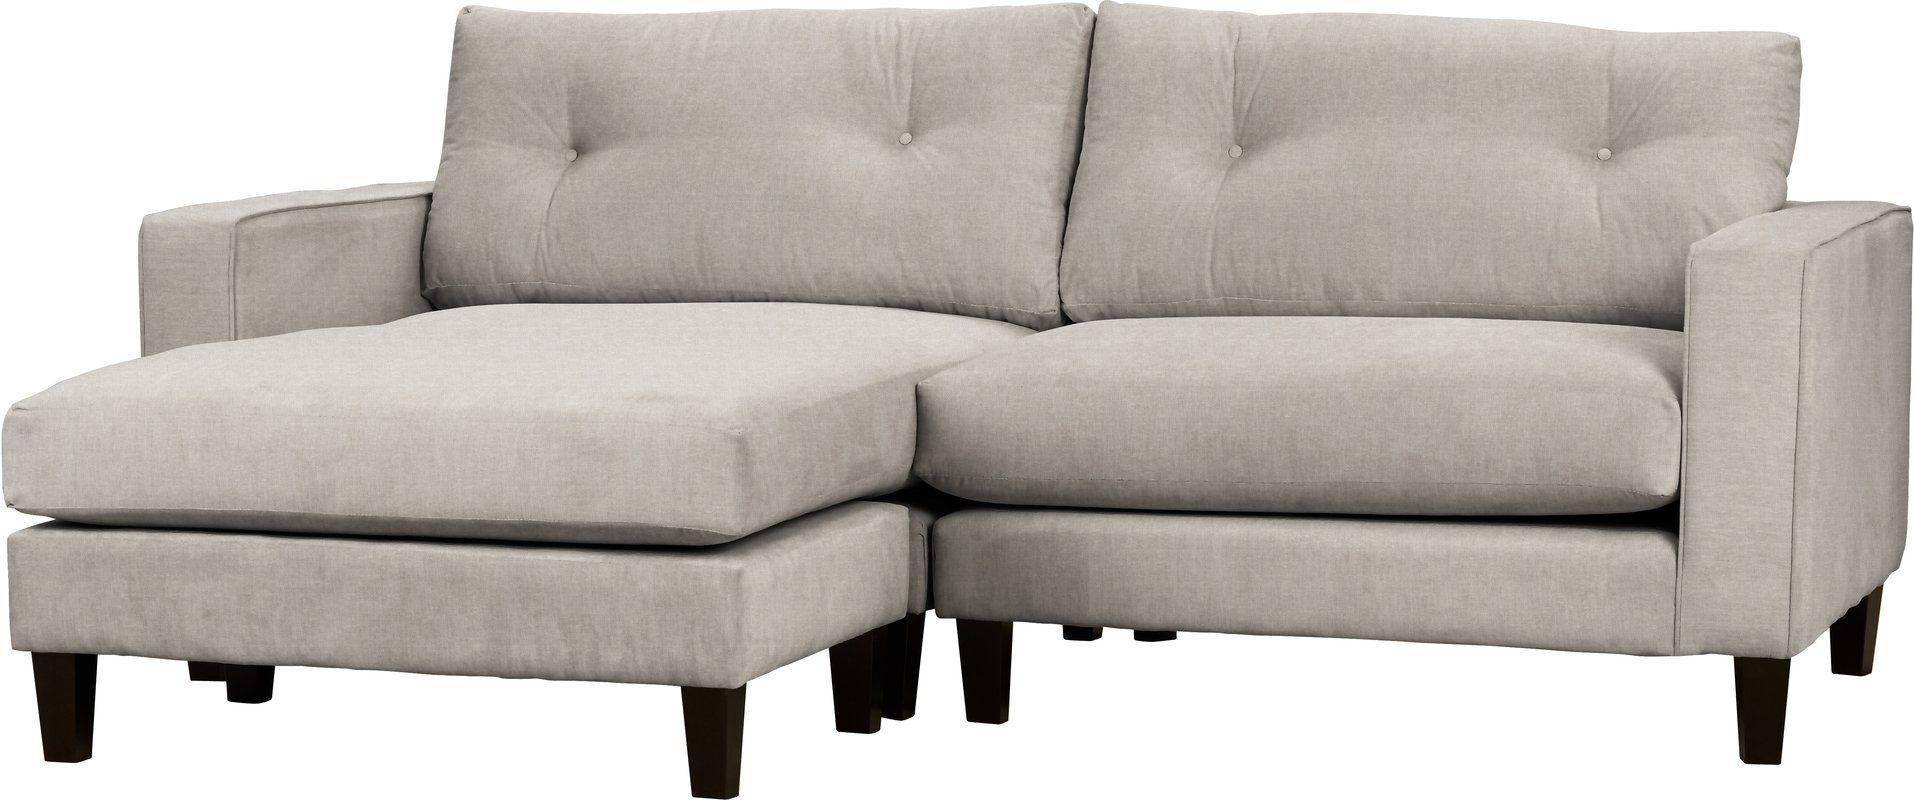 Maya Reversible Corner Sofa Corner sofa, Modular corner